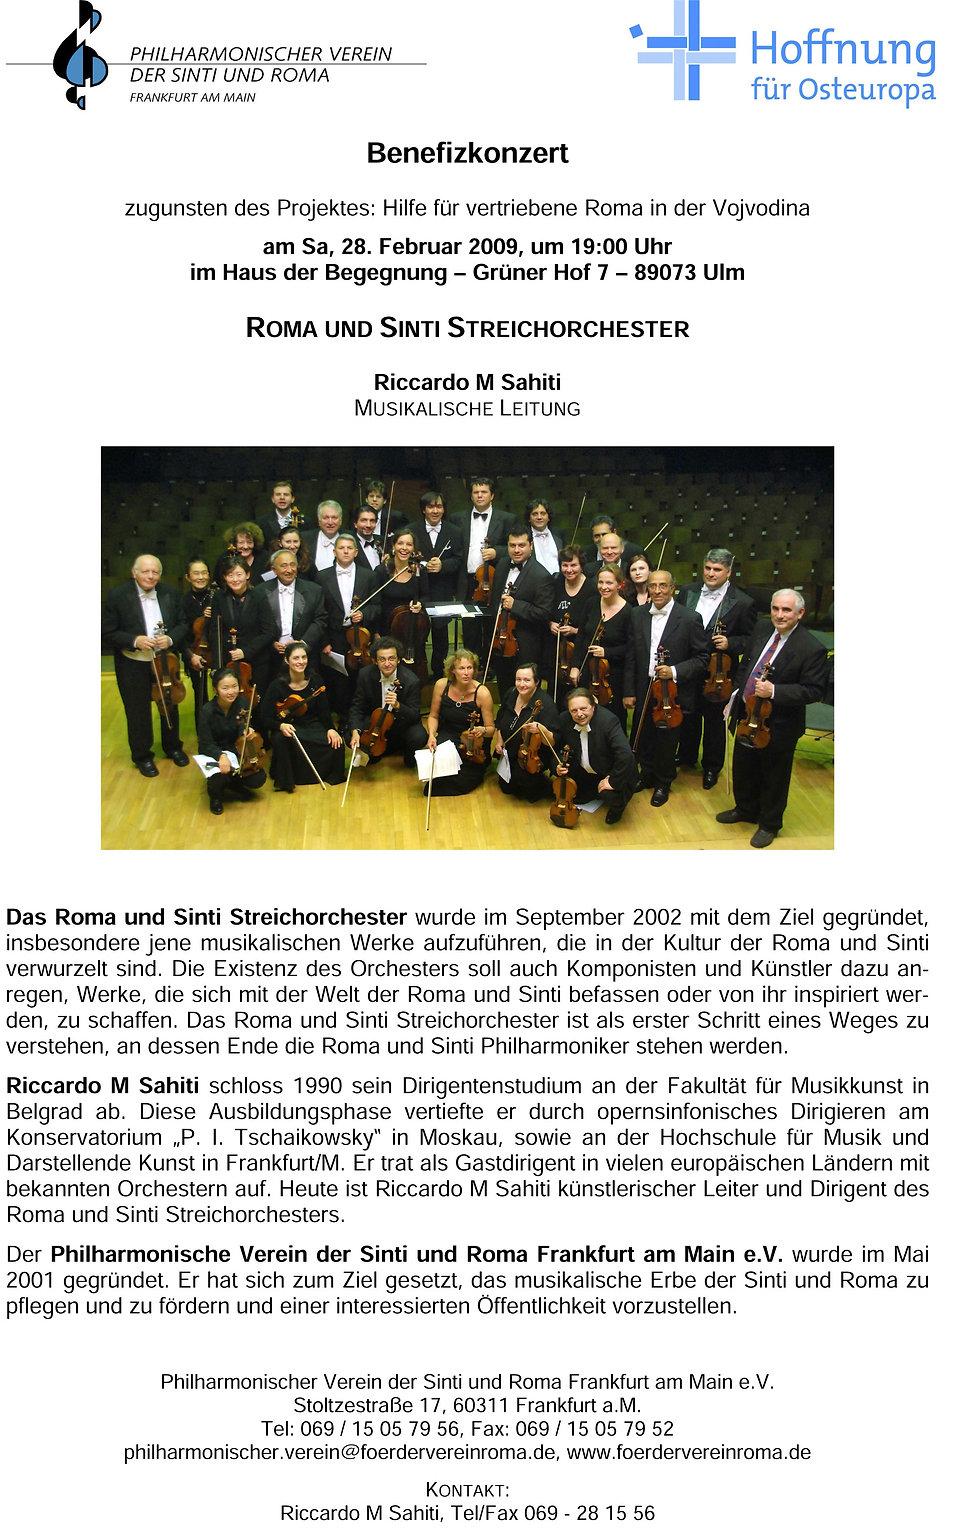 Konzert-Ulm-2009.jpg